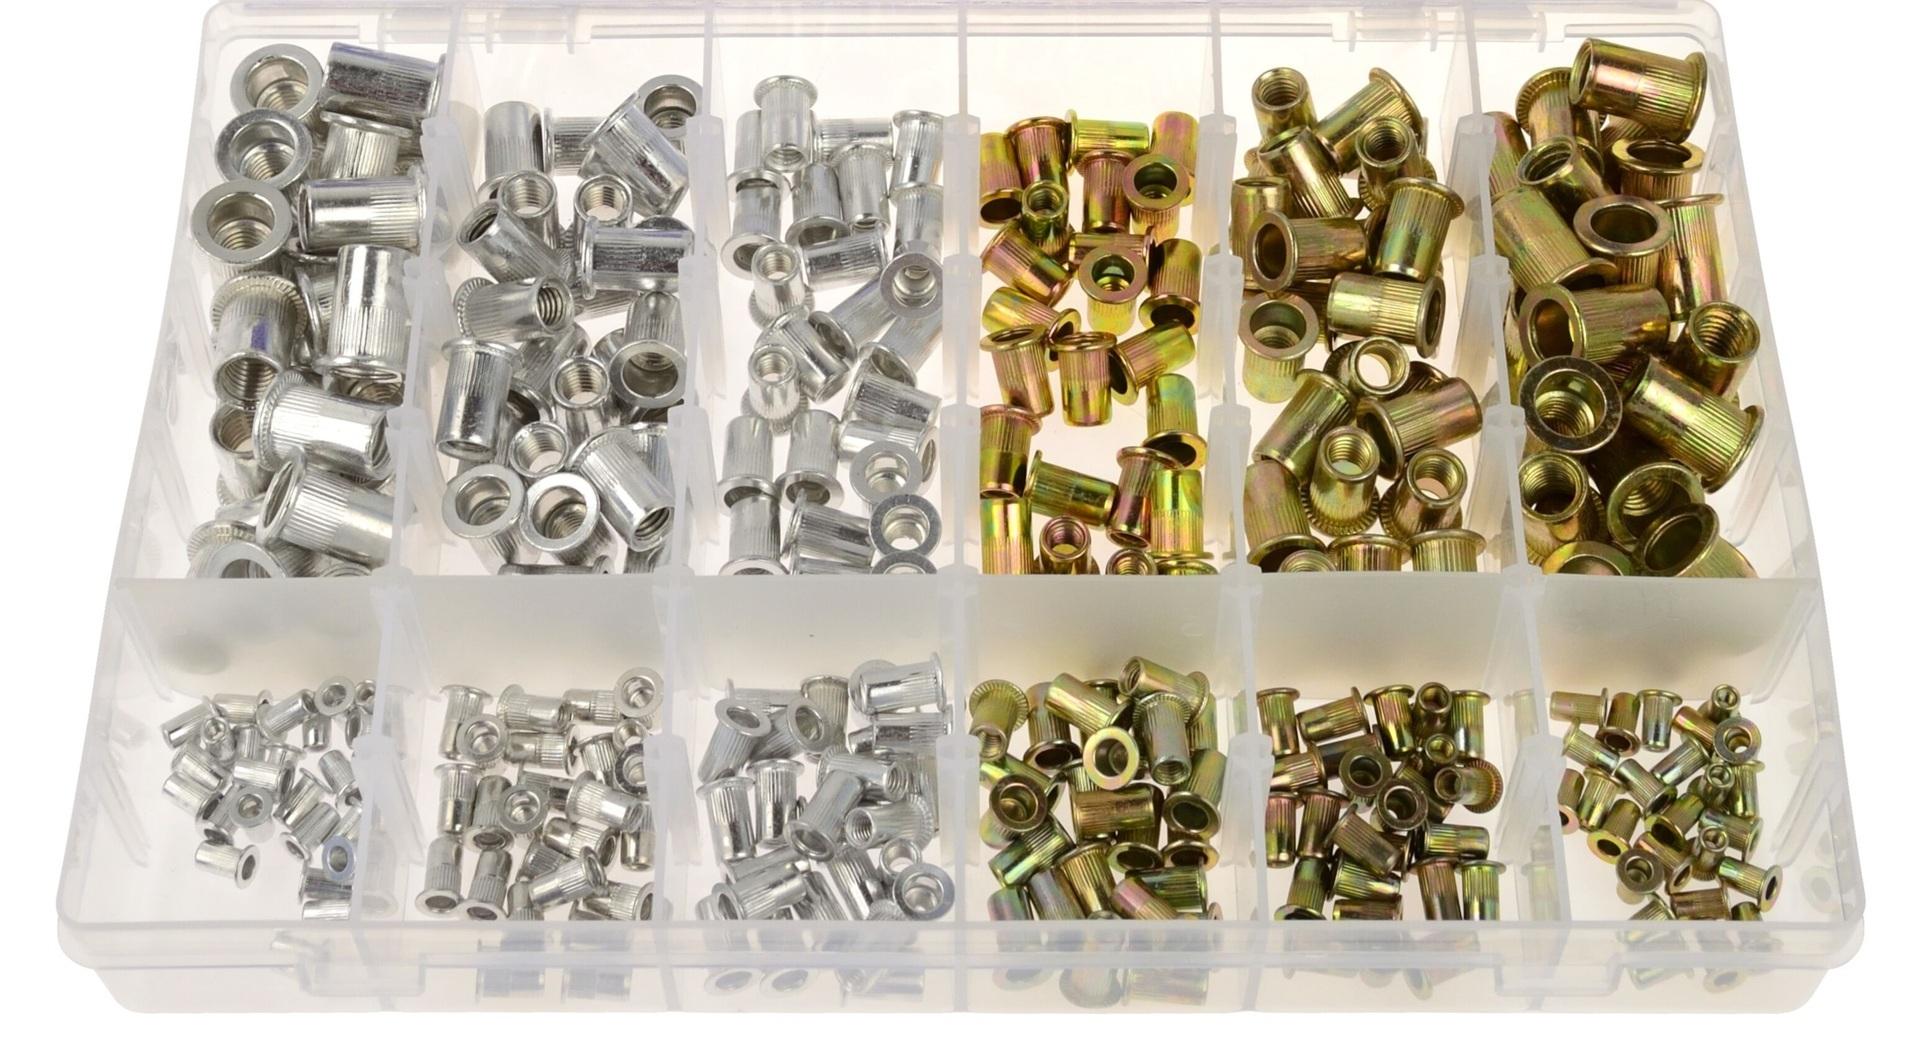 Maticové nýty - nýtovací matice, M3 - M10, plochá hlava, ocel a hliník, sada 300 kusů